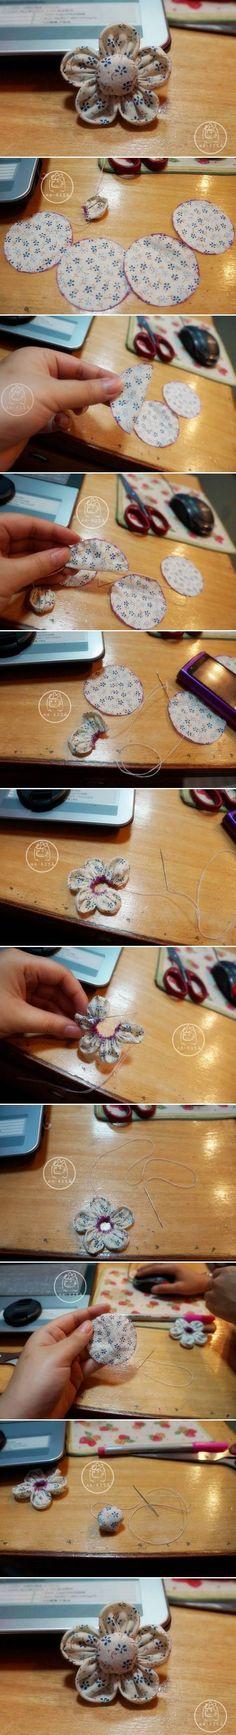 DIY Quick Handmade Fabric Flower DIY Flowers DIY Crafts